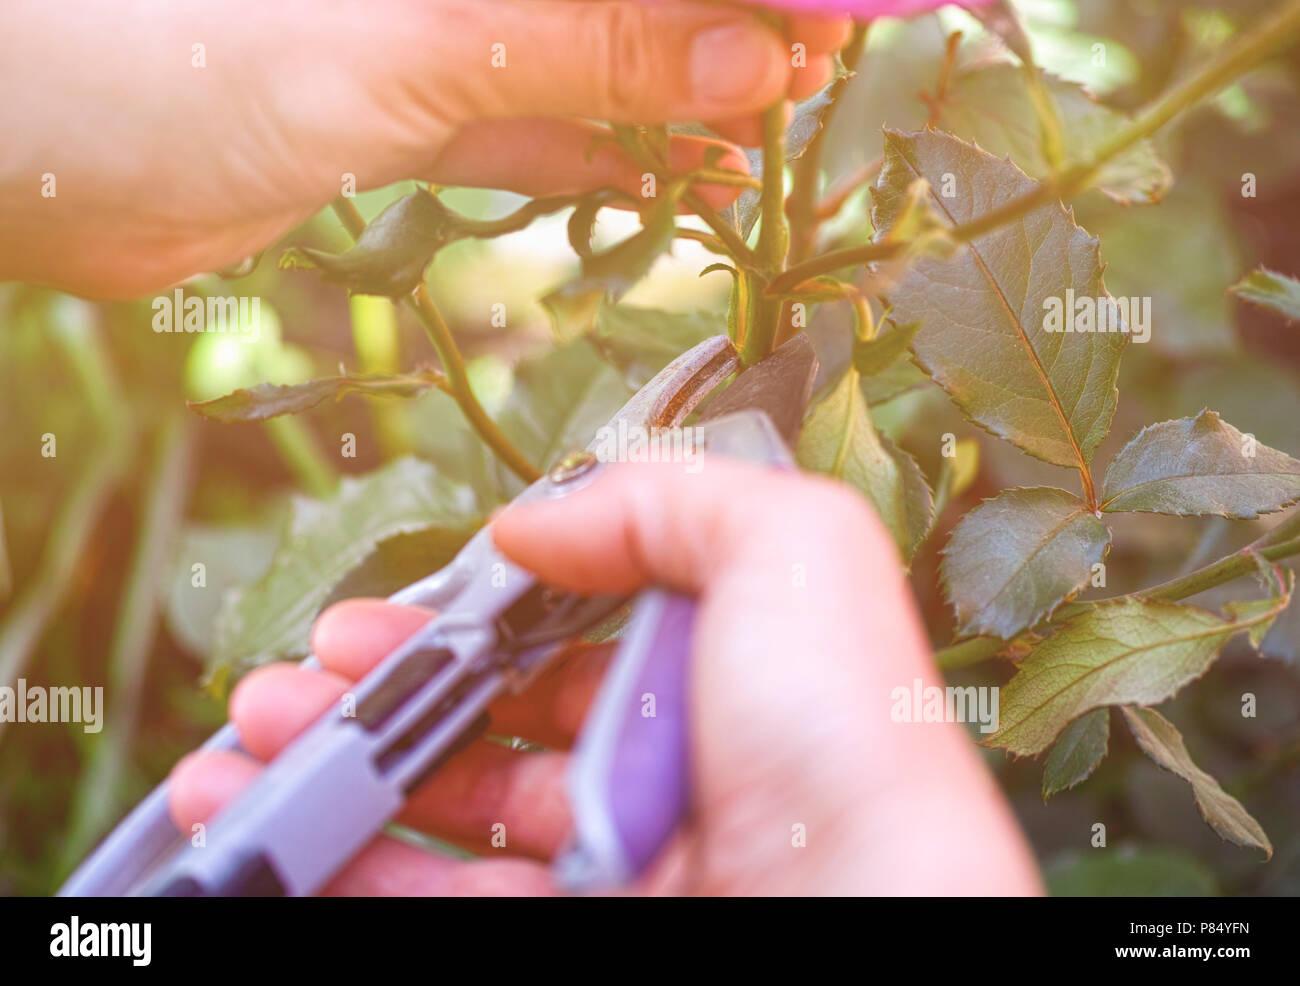 Frau Hände mit Garten Scheren schneiden Rosenbusch. Stockbild